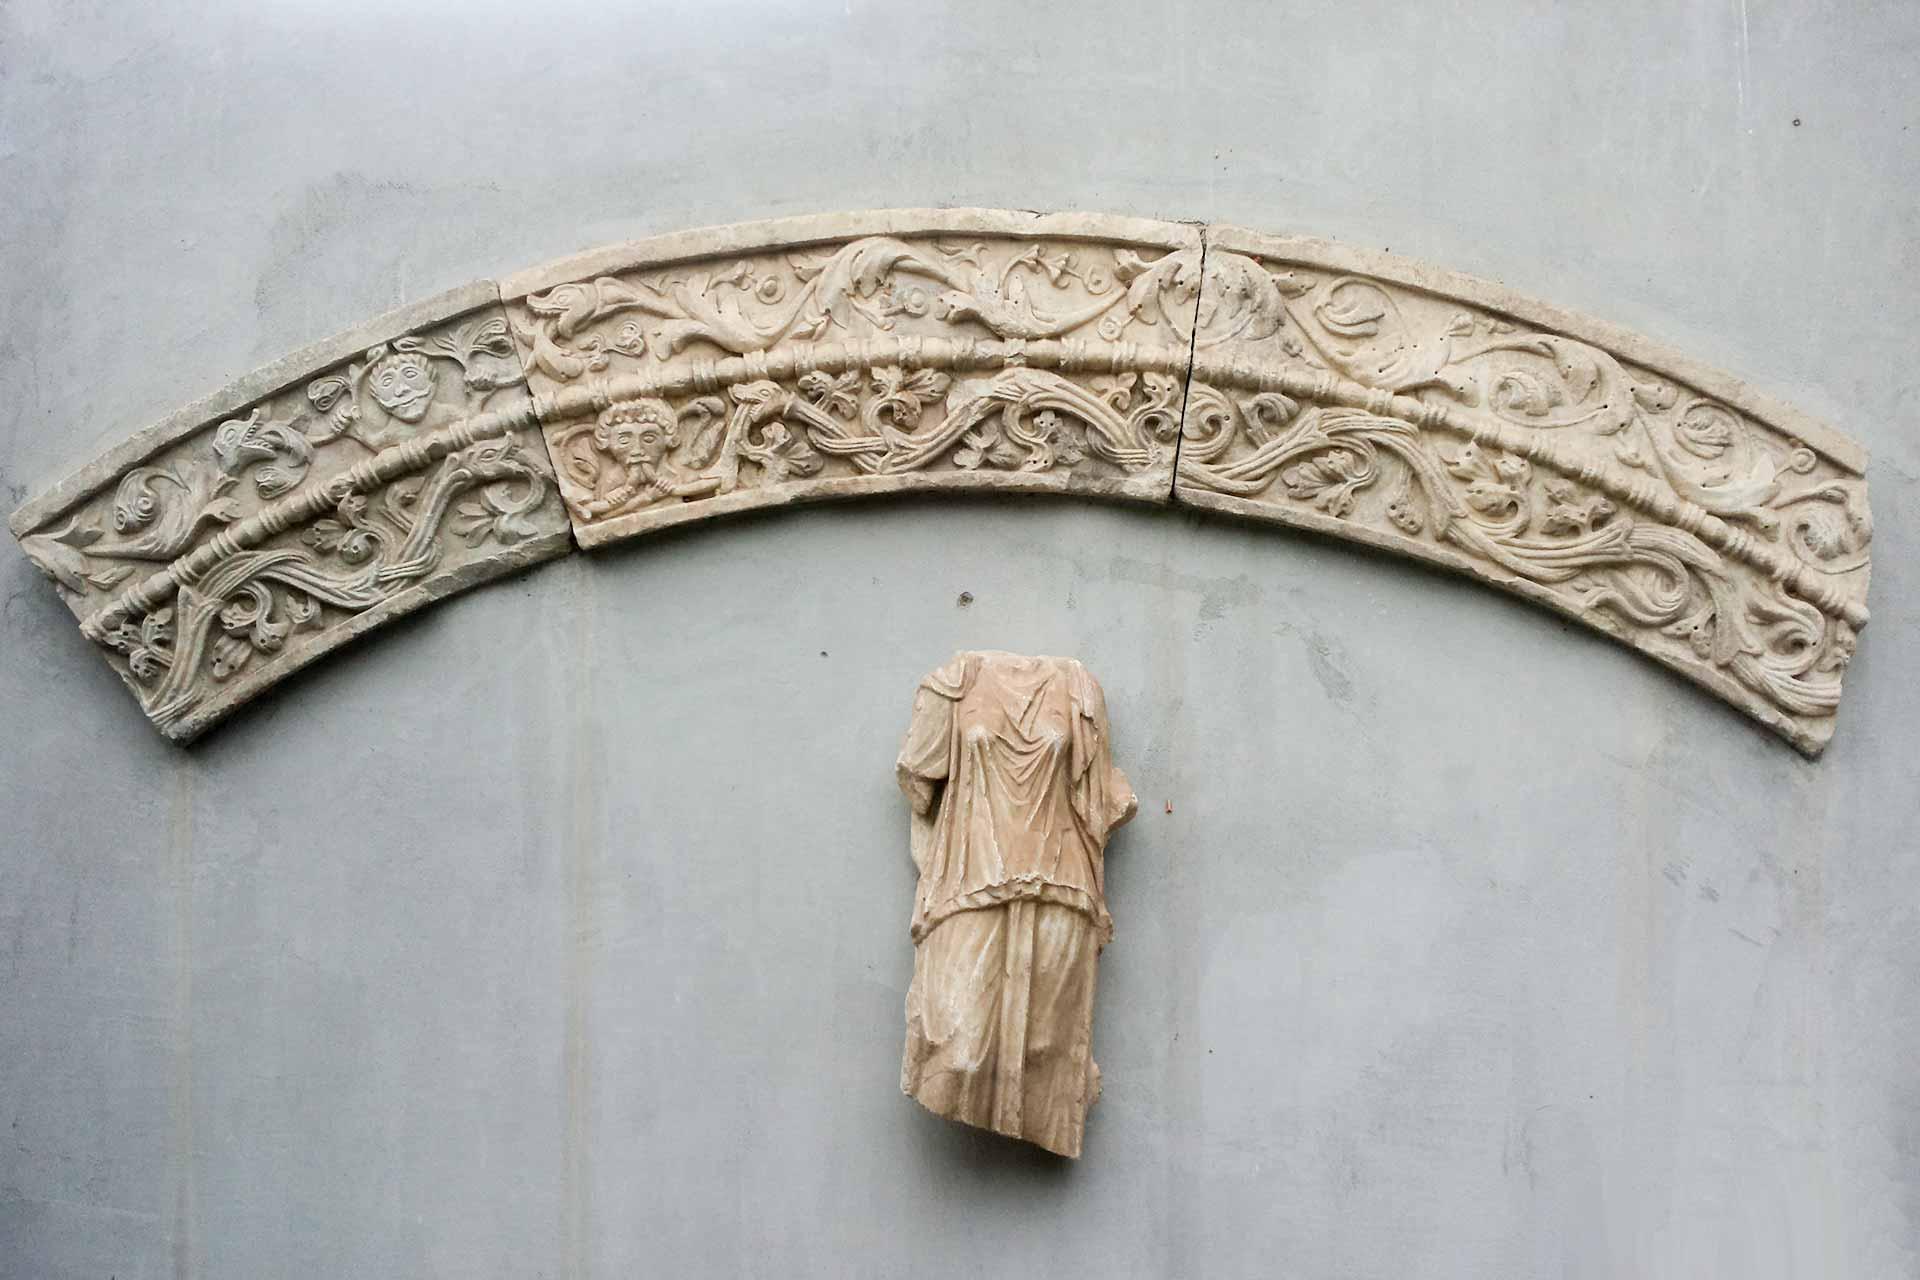 Arco romanico e statuetta romana - reperti